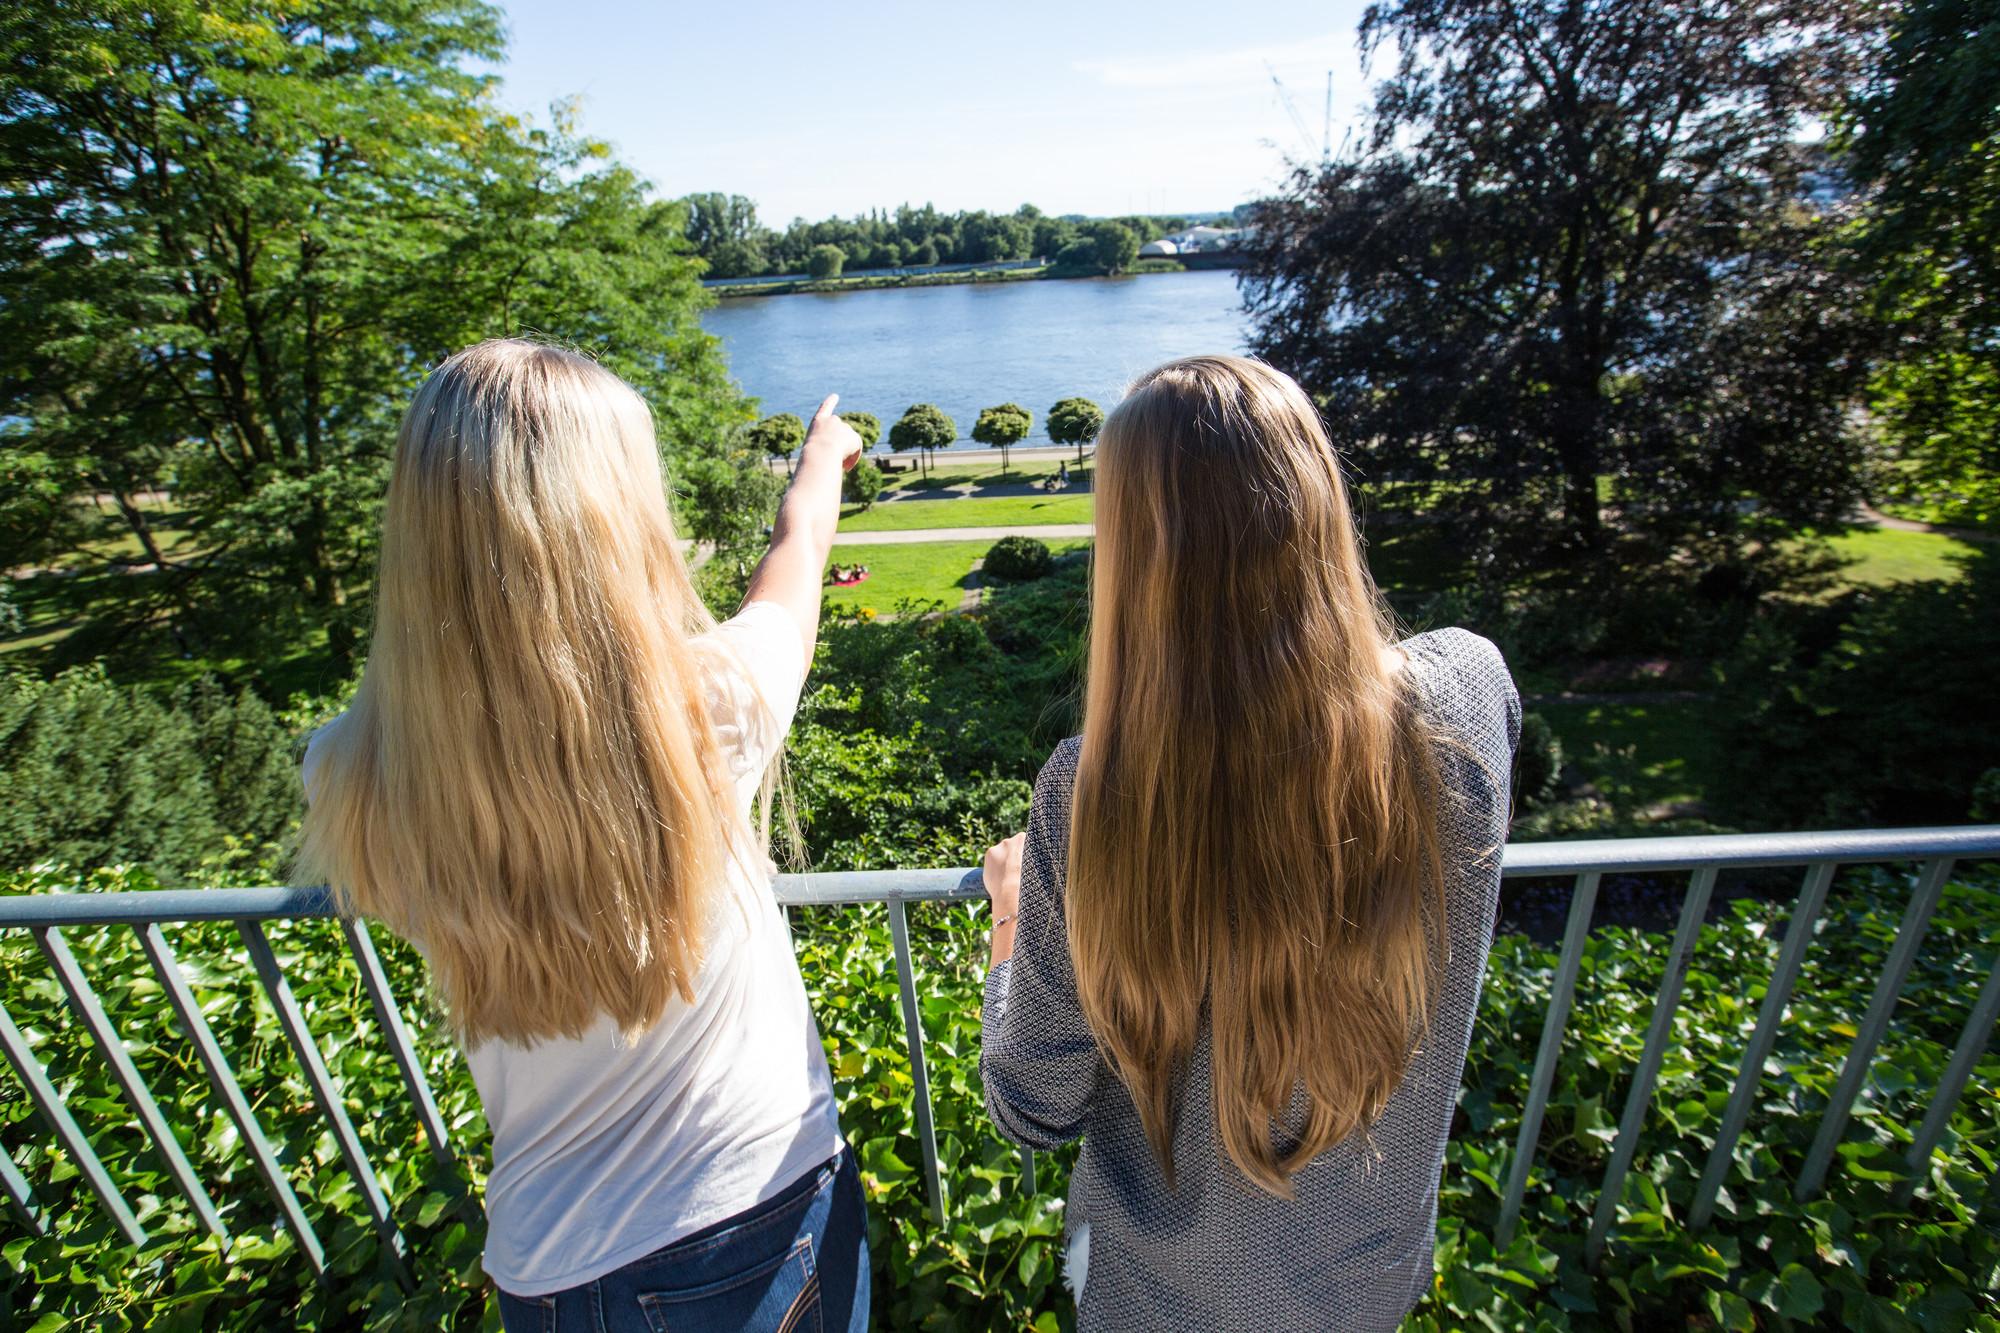 Zwei Frauen stehen am Geländer in einem Park und schauen in die Ferne. Die linke Frau zeigt mit dem Finger nach vorne.